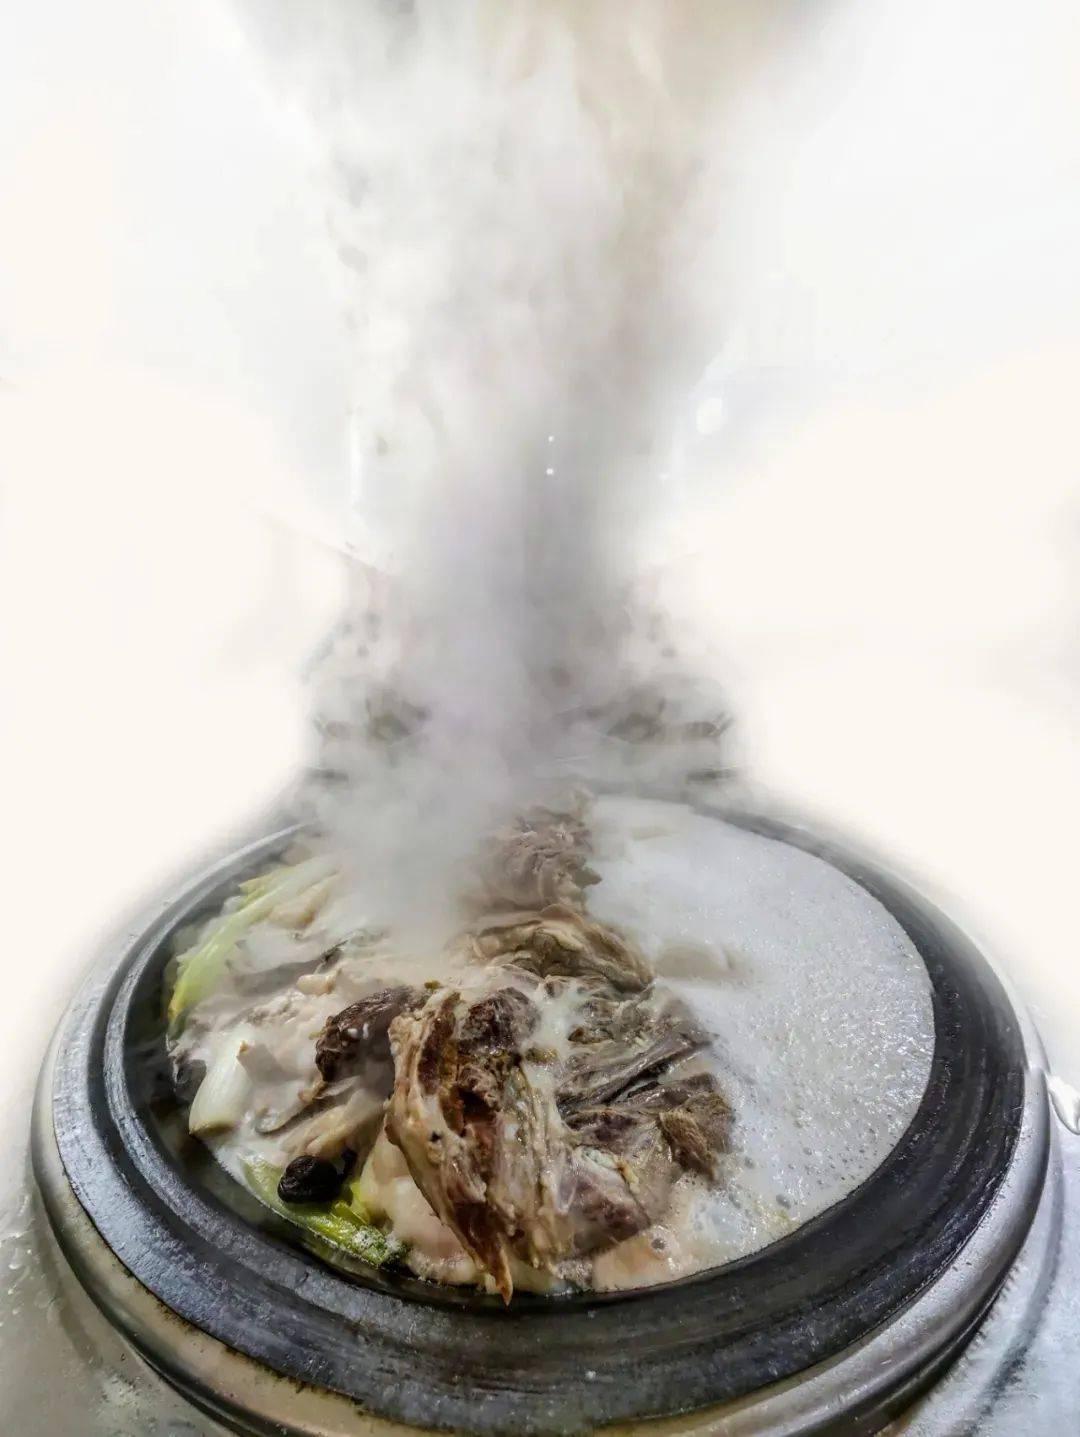 喝过单县羊肉汤的请举手!一口羊肉汤,藏着最烟火的菏泽味